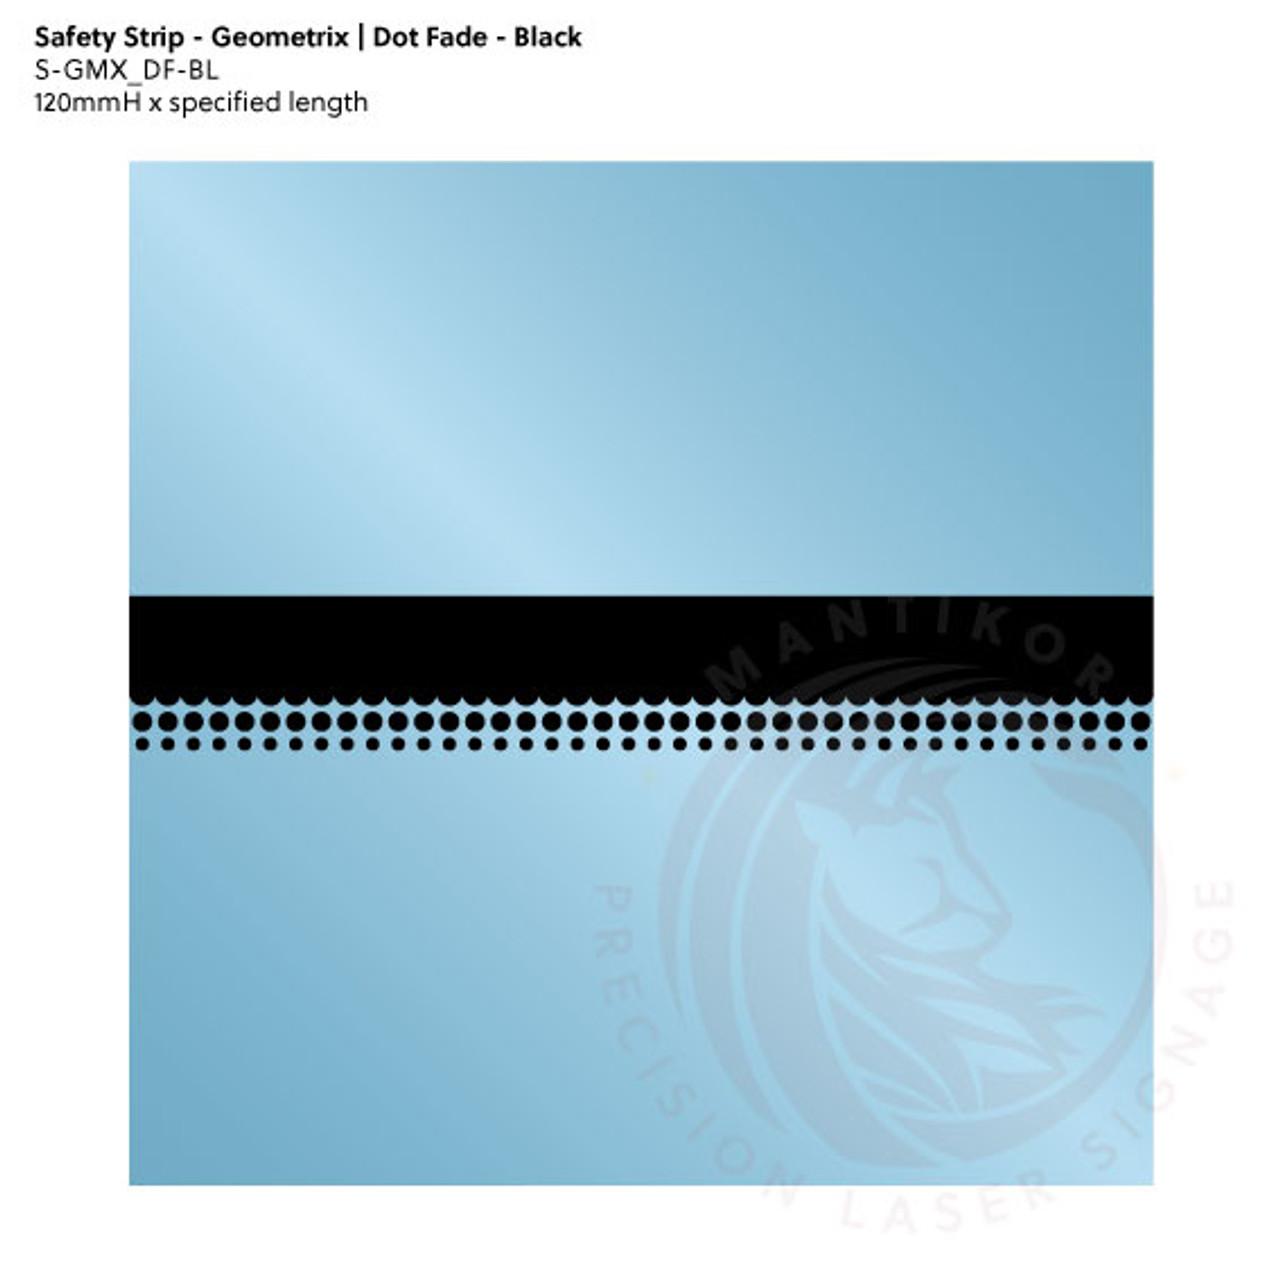 Visibility Strip - Geometrix | Dot Fade - Black